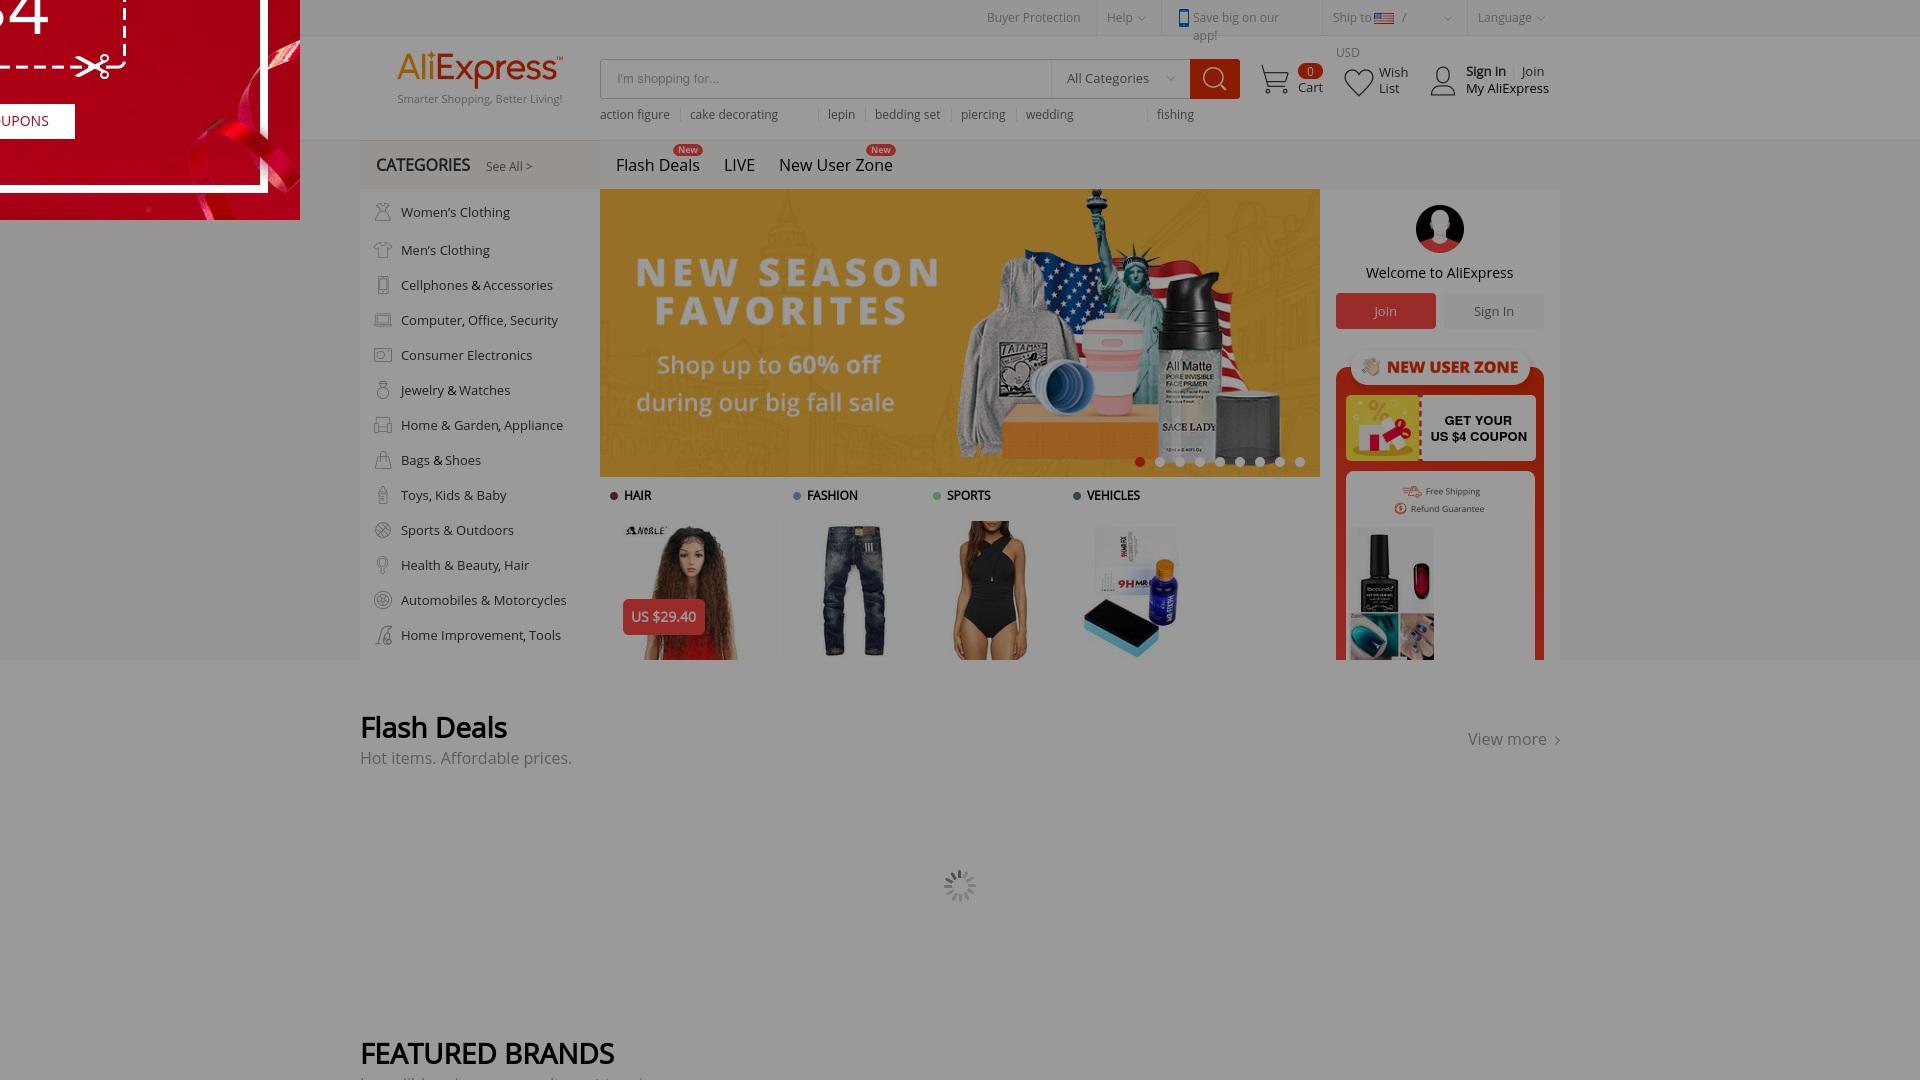 Gutschein für Aliexpress: Rabatte für  Aliexpress sichern